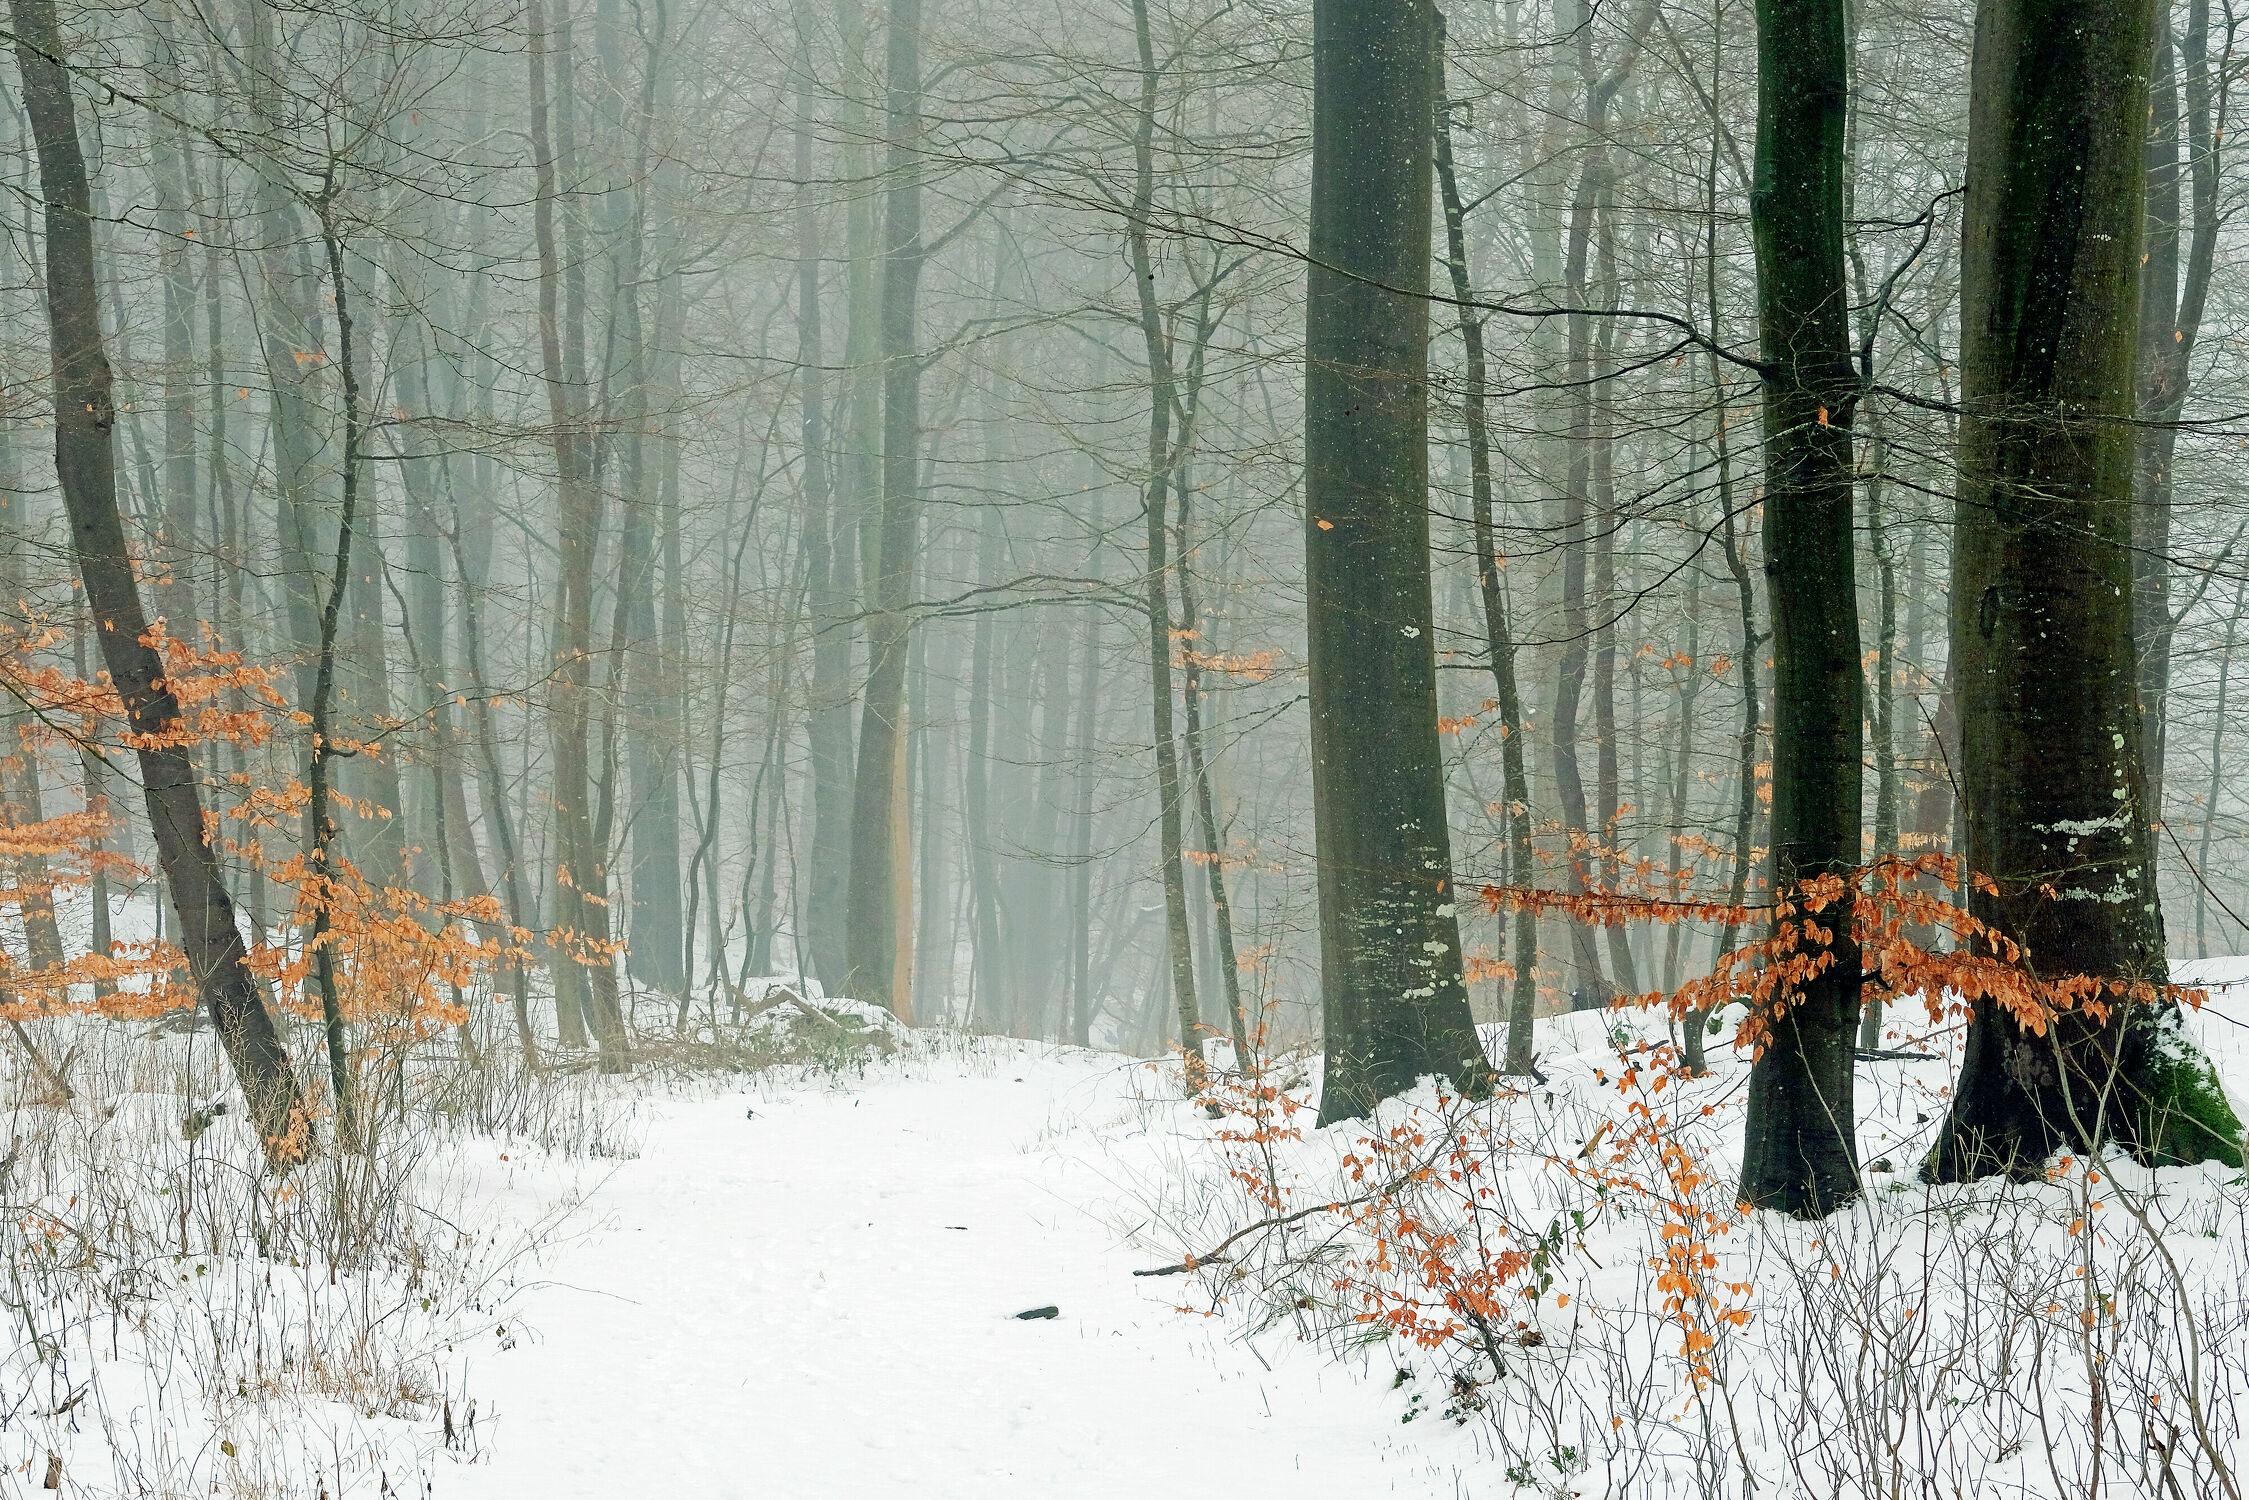 Bild mit Bäume, Winter, Schnee, Nebel, Wald, Laub, Dunst